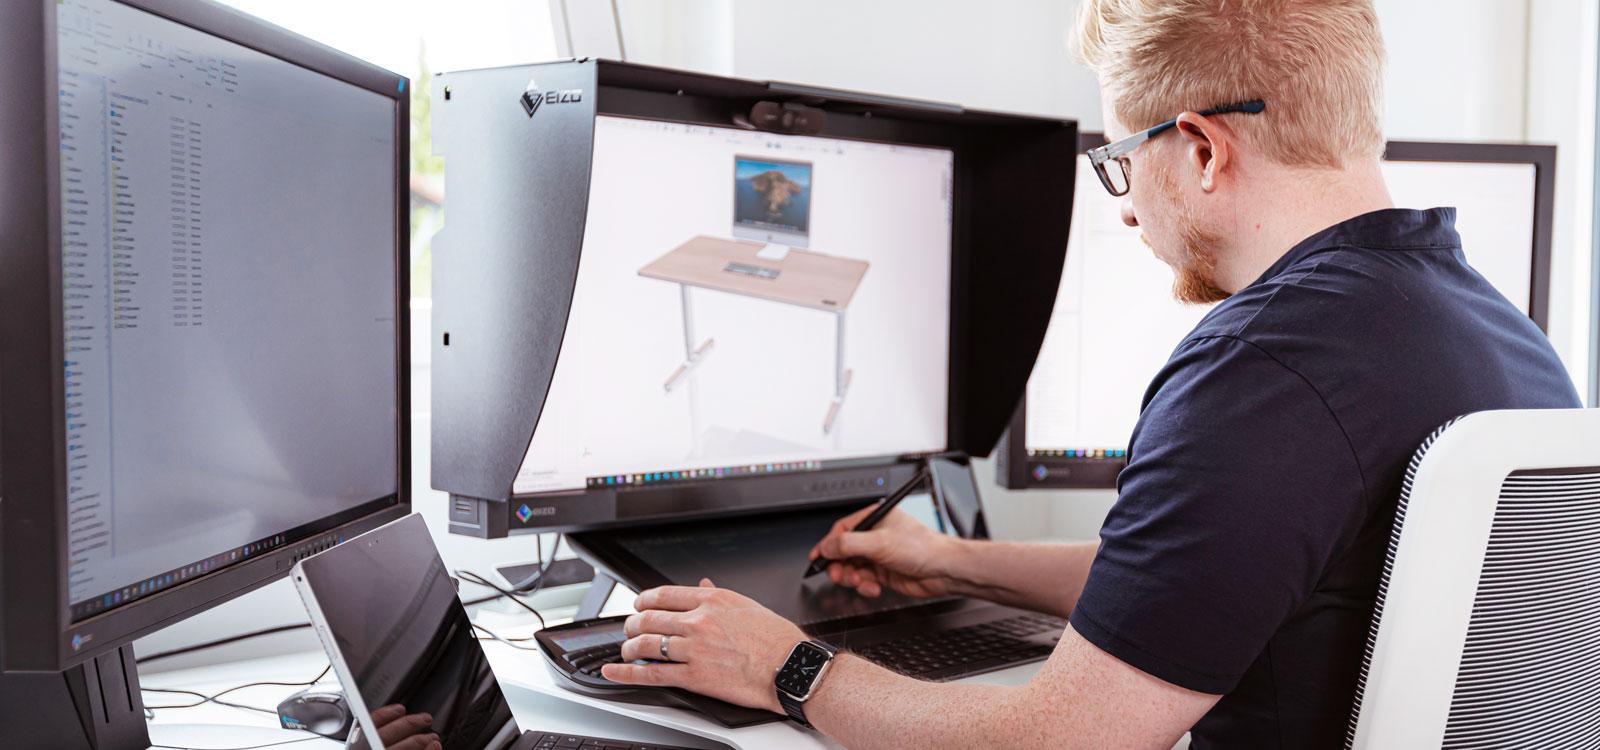 Wir kreieren unsere innovativen Yaasa Produkte in kreativer Weise mit dem Input unserer Kunden.